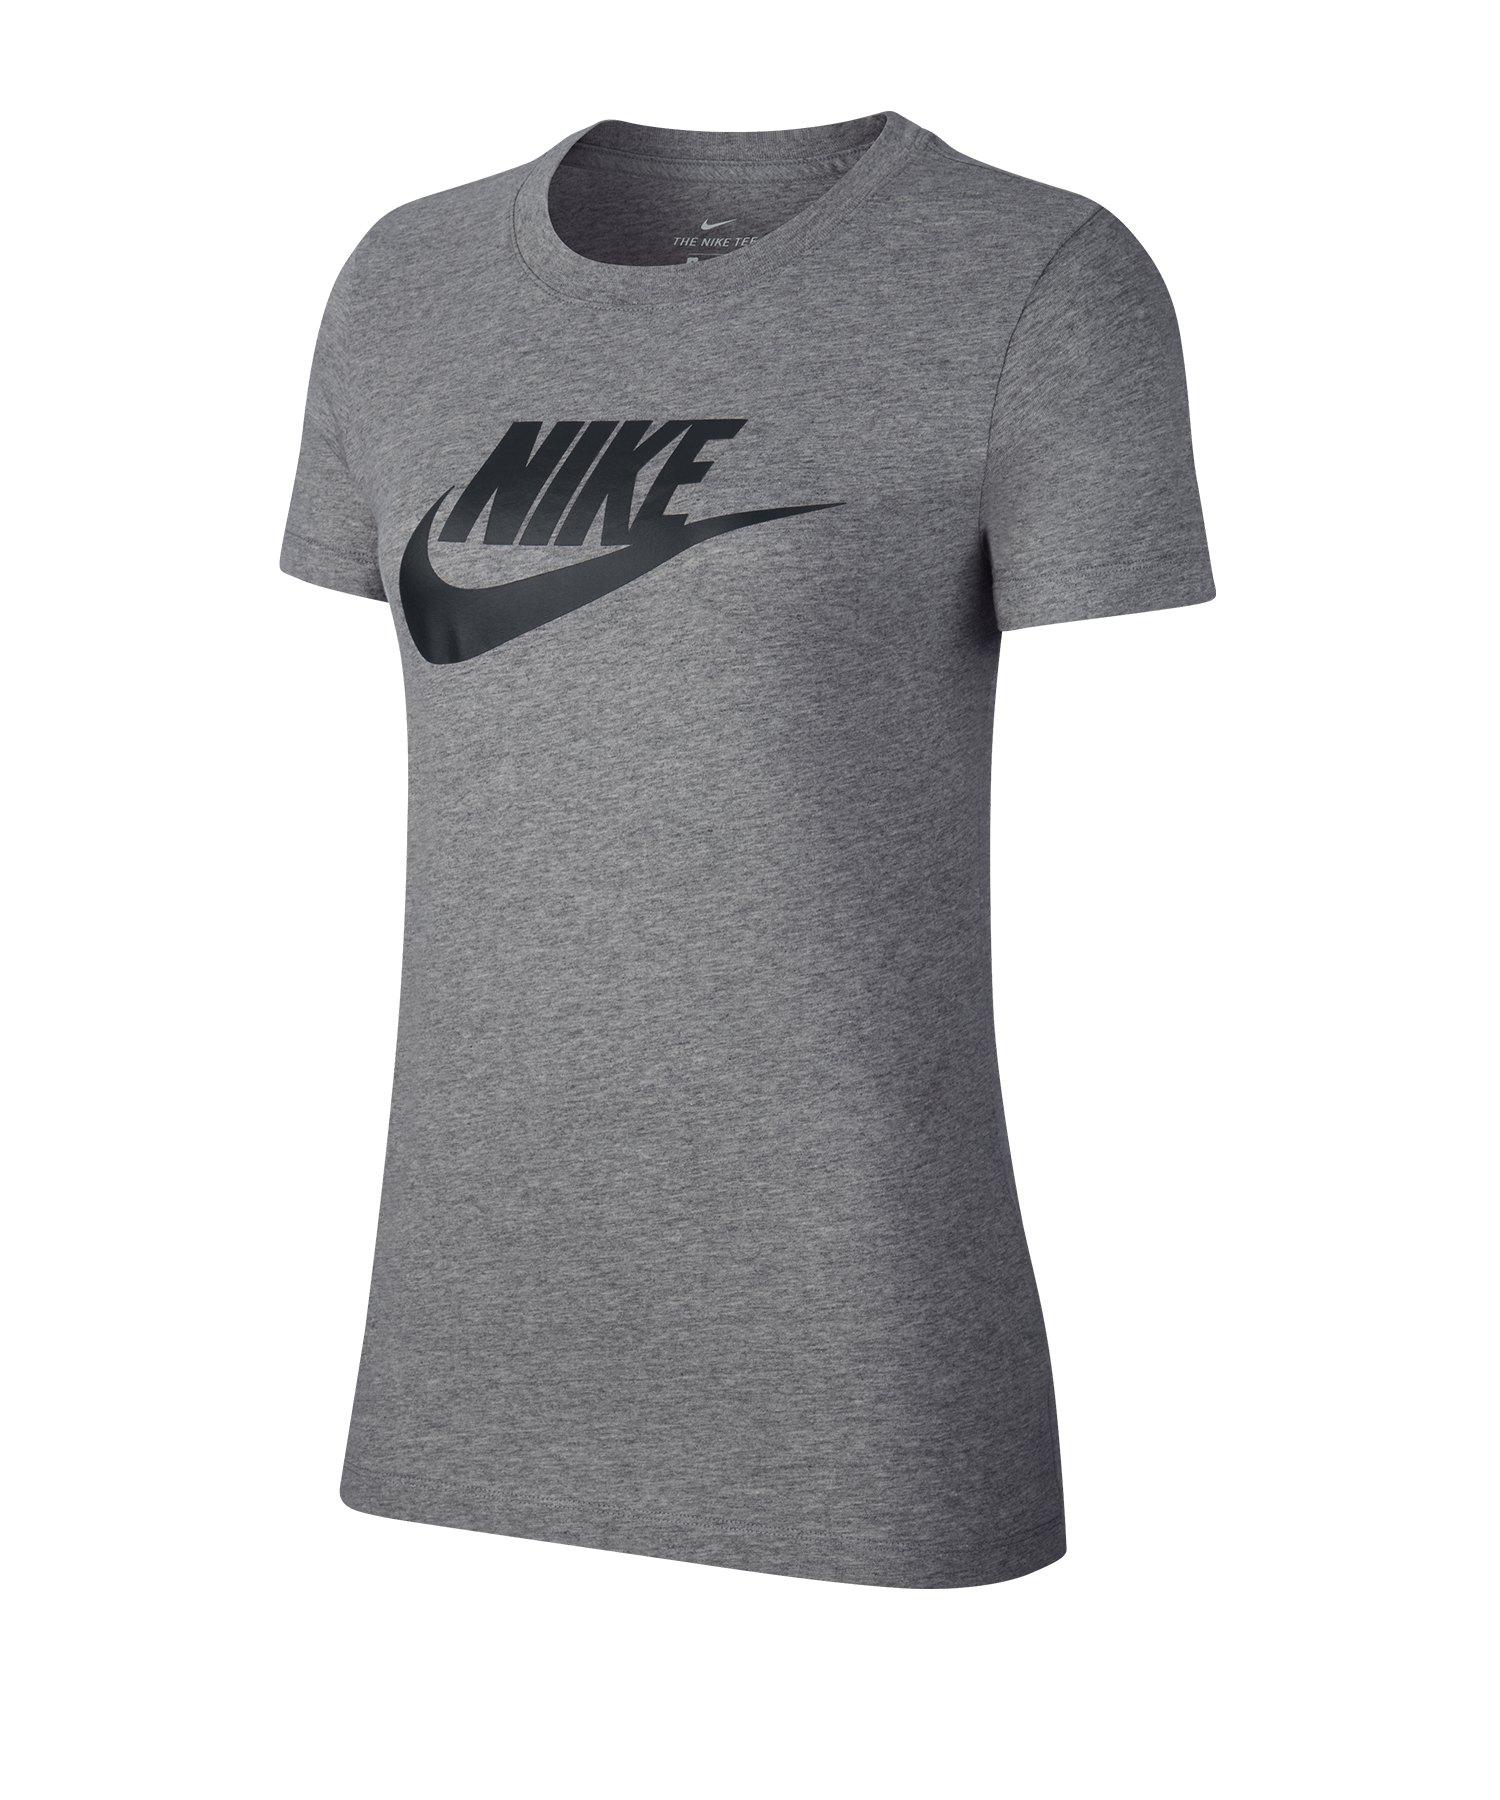 Nike Essential Tee T-Shirt Damen Grau F063 - grau